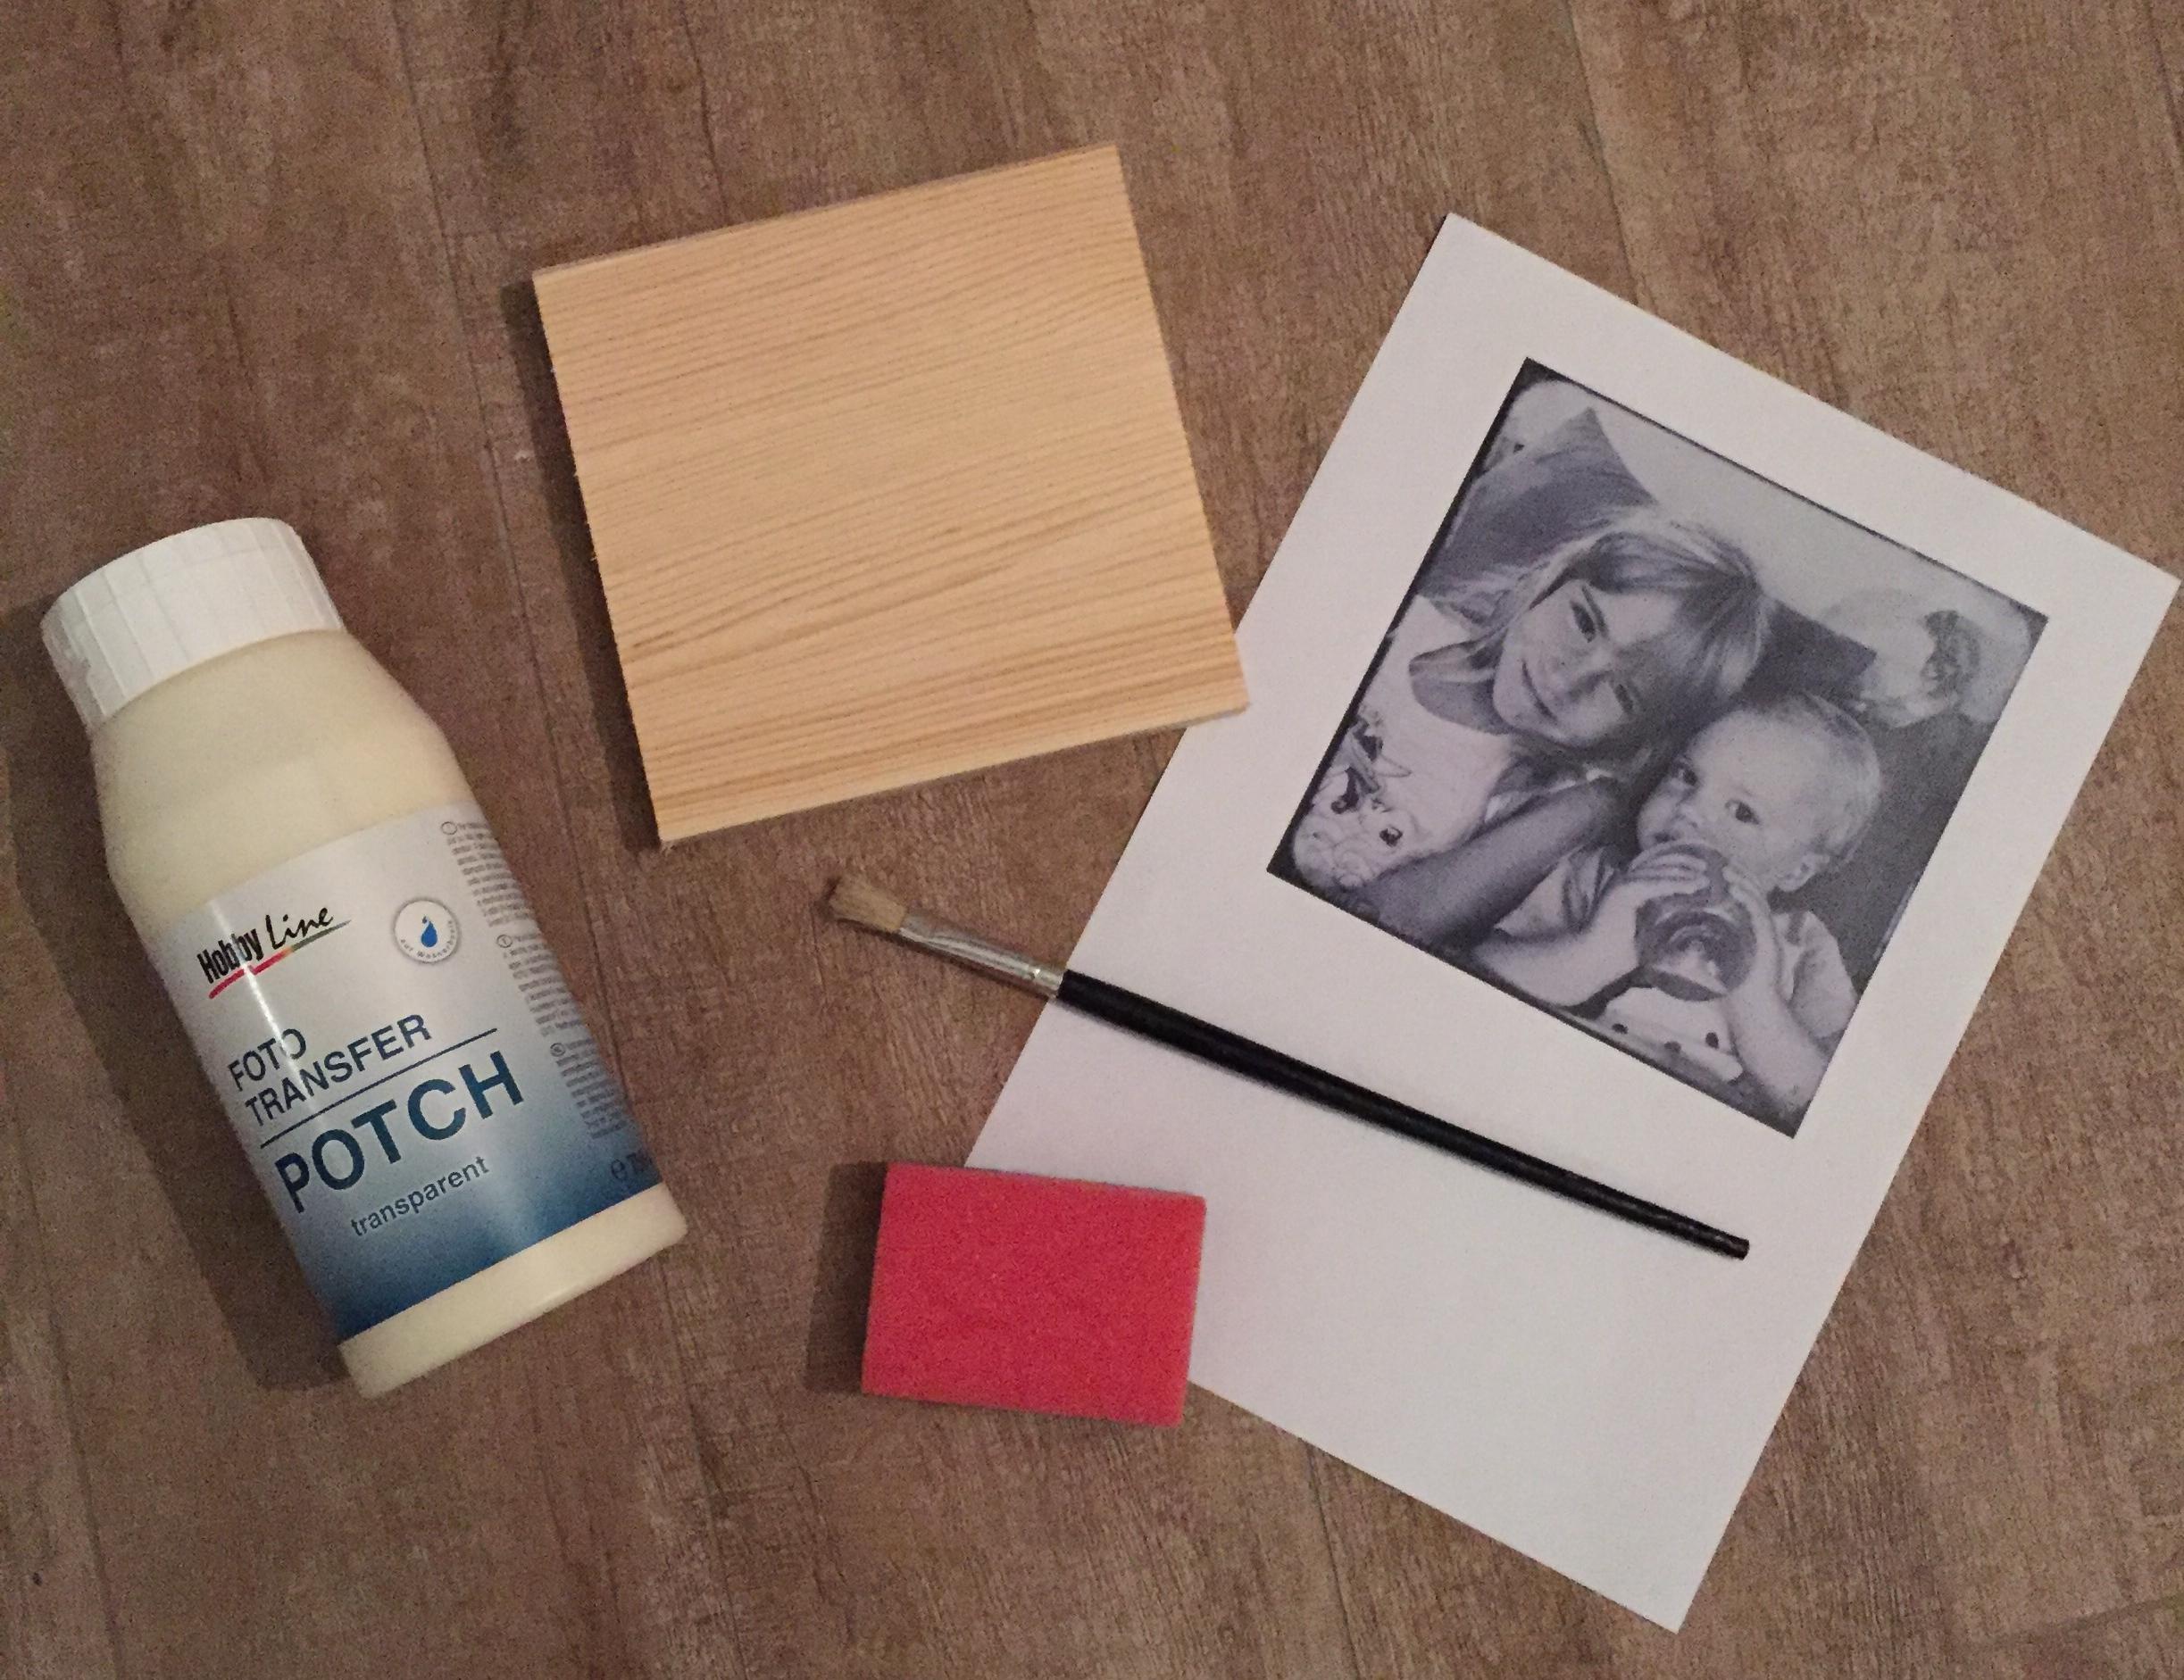 Fototransfer: Fotos auf Holz übertragen - Herz und Liebe - Dinge ...